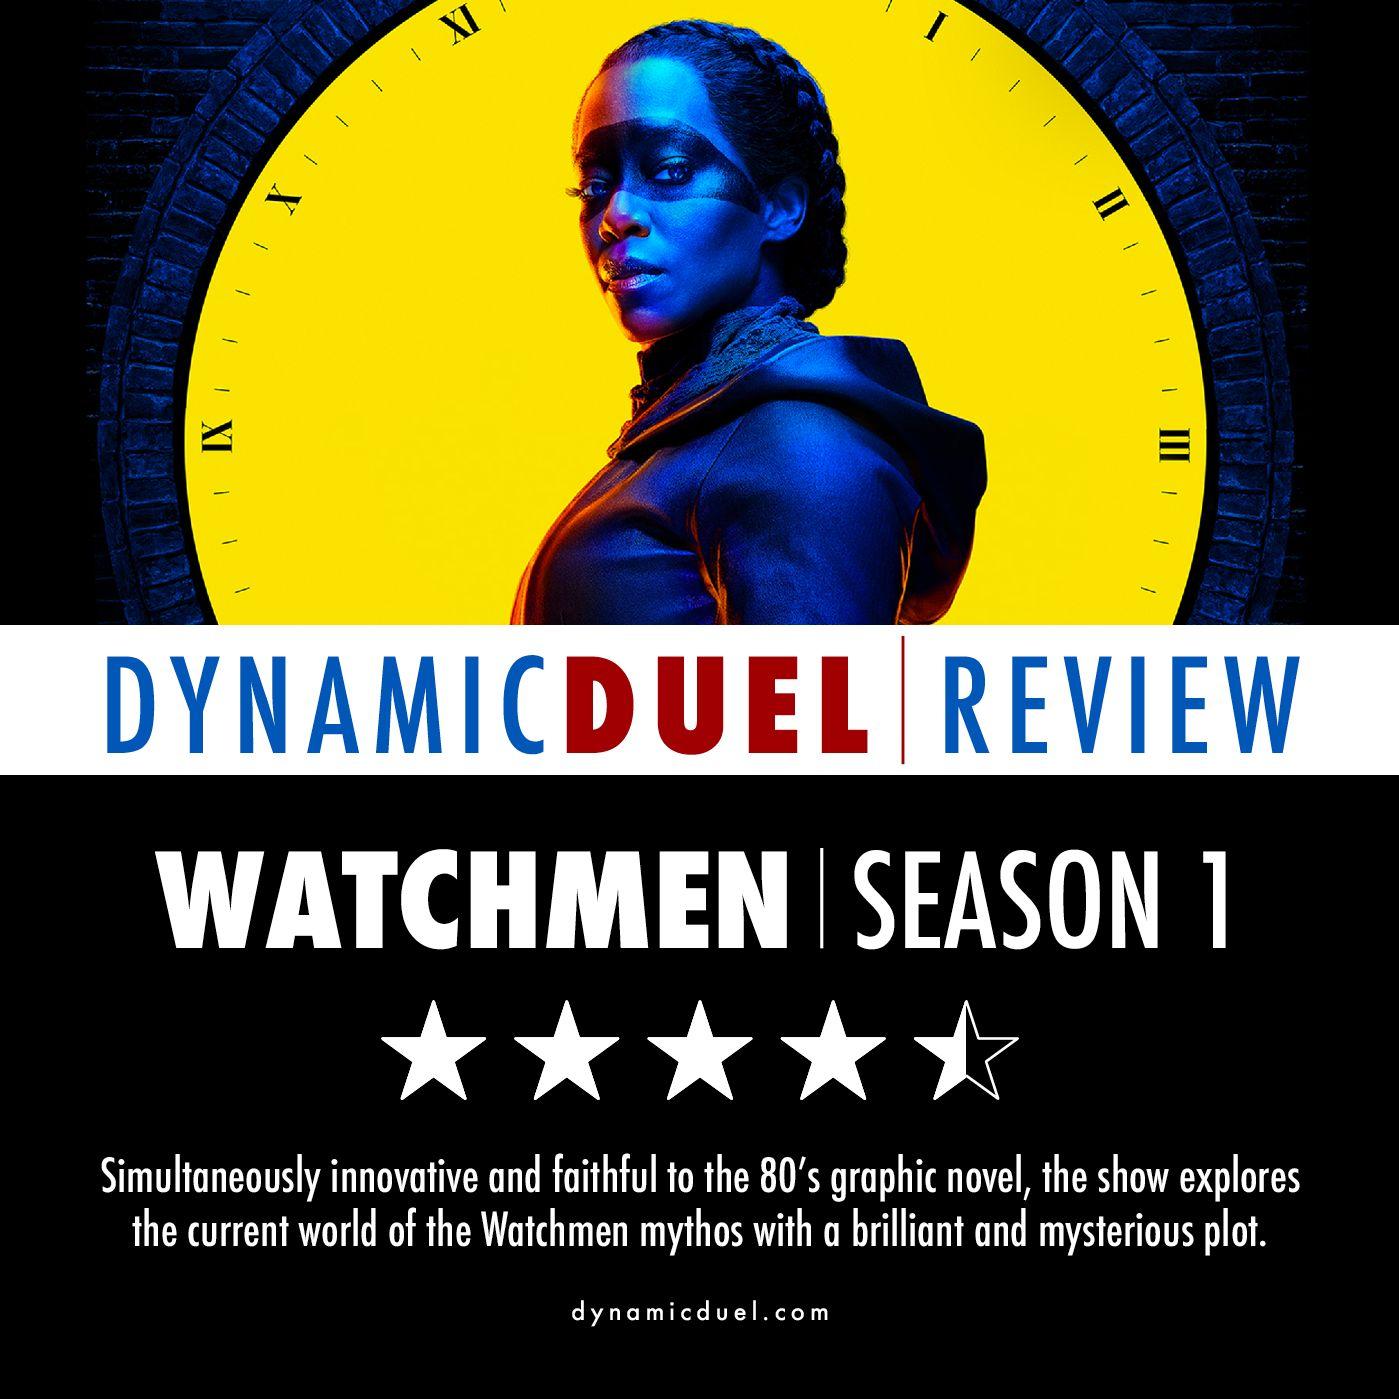 Watchmen Season 1 Review